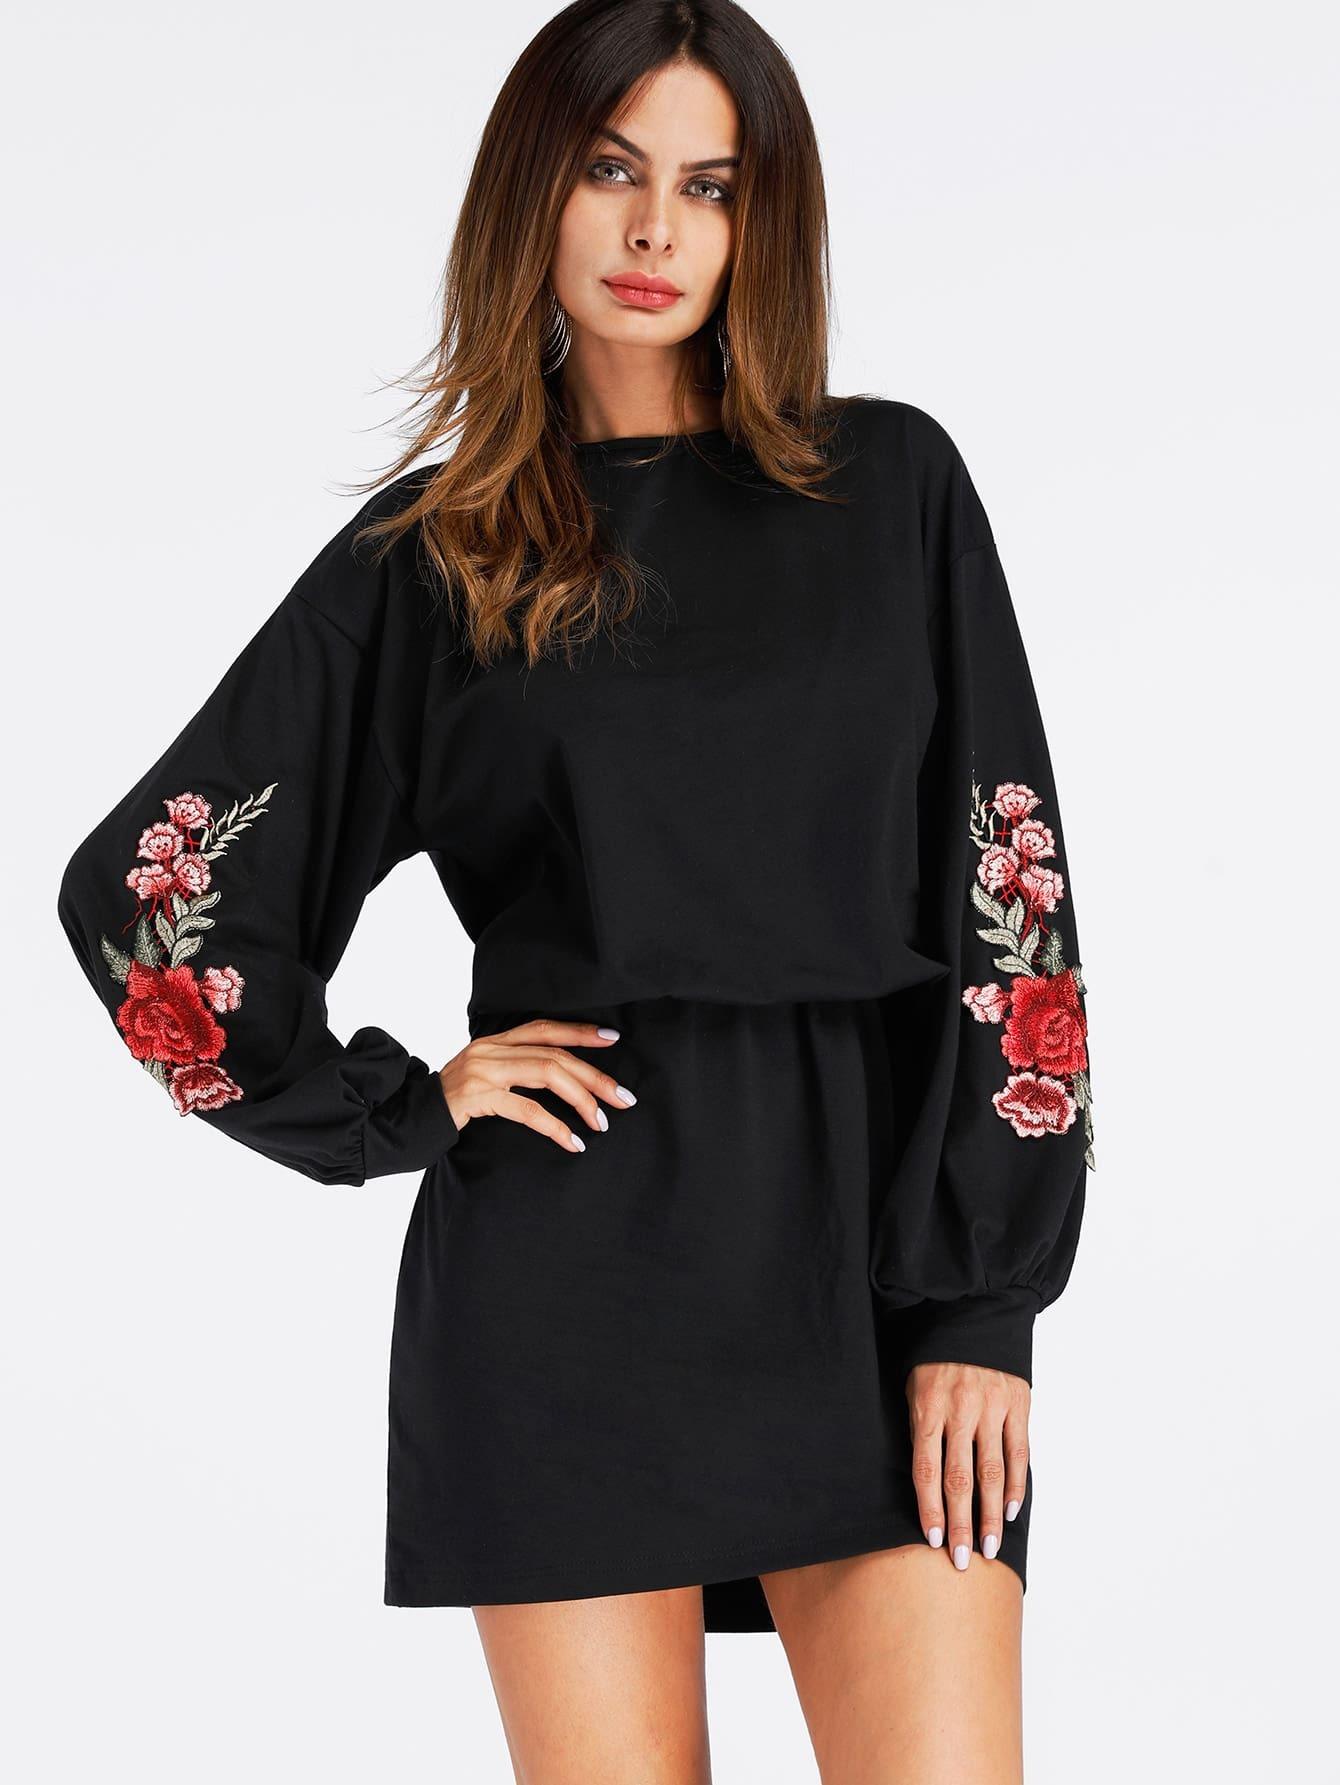 Embroidered Rose Applique Dress embroidered rose applique side split belt dress